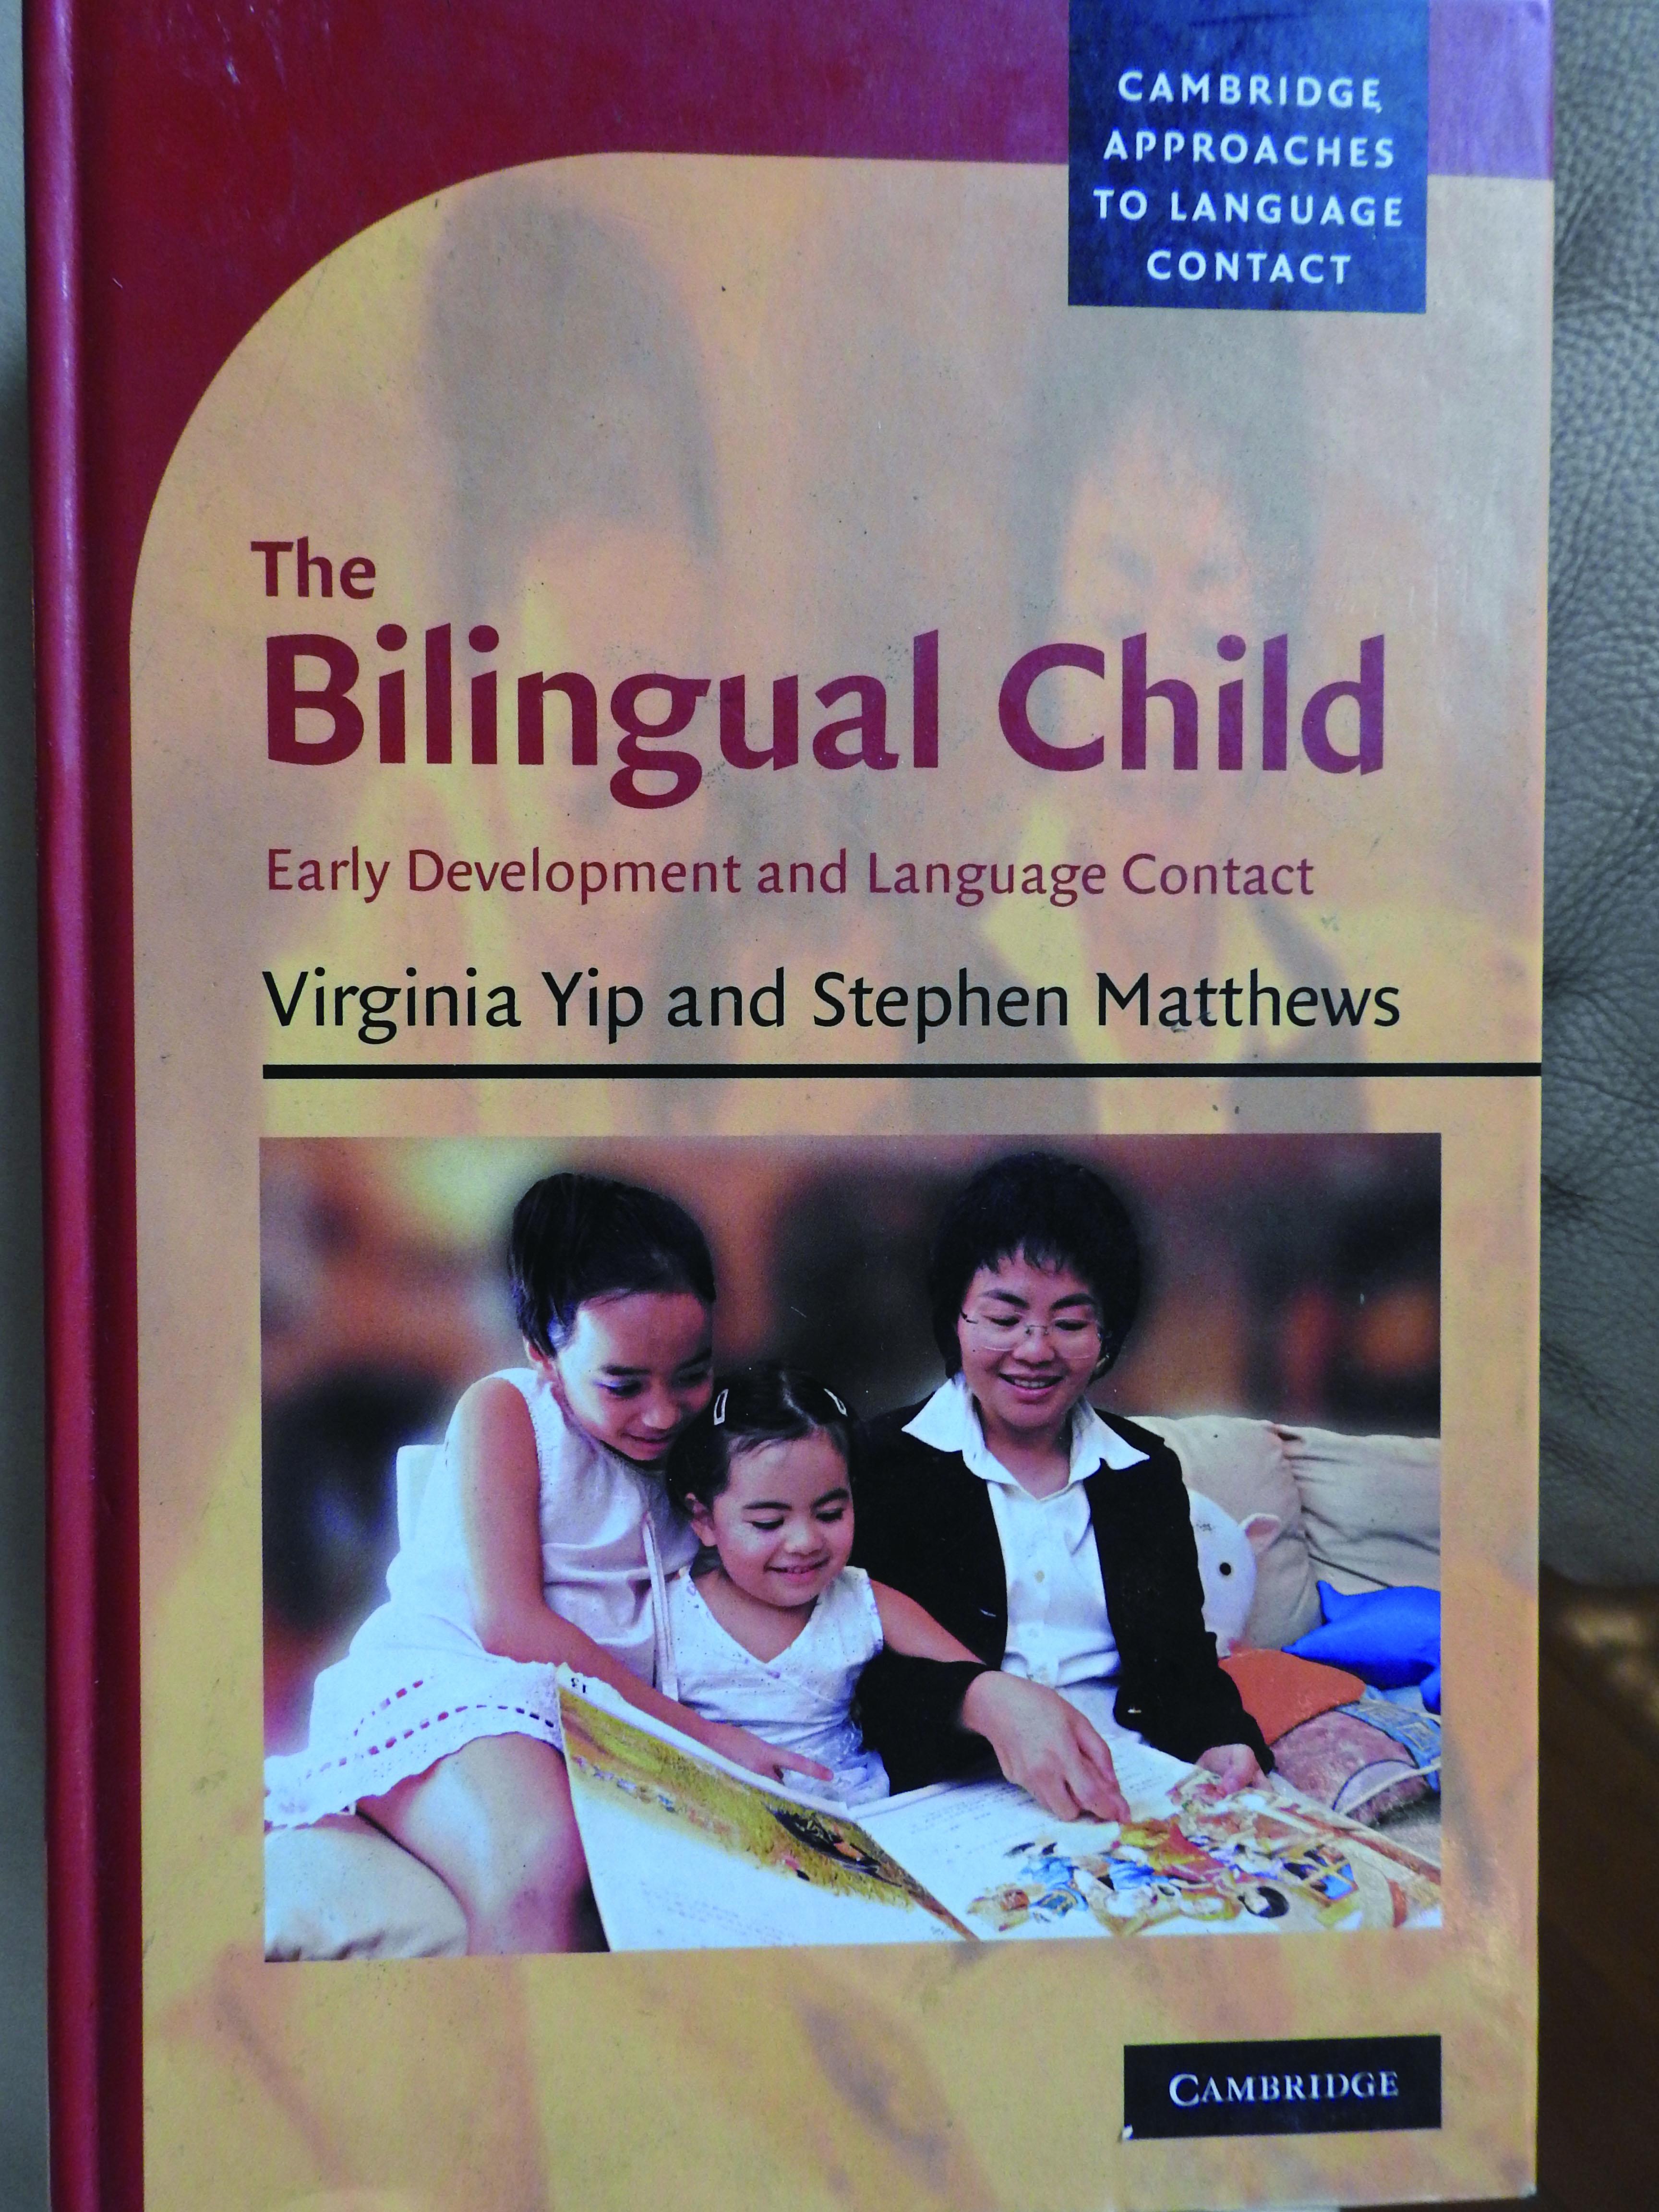 在馬詩帆與太太2007年的著作《Bilingual Child》上,是他們的女兒(左一及左二)。她們現在16歲及20歲,會說流利英語及廣東話。(黃俊浩攝)